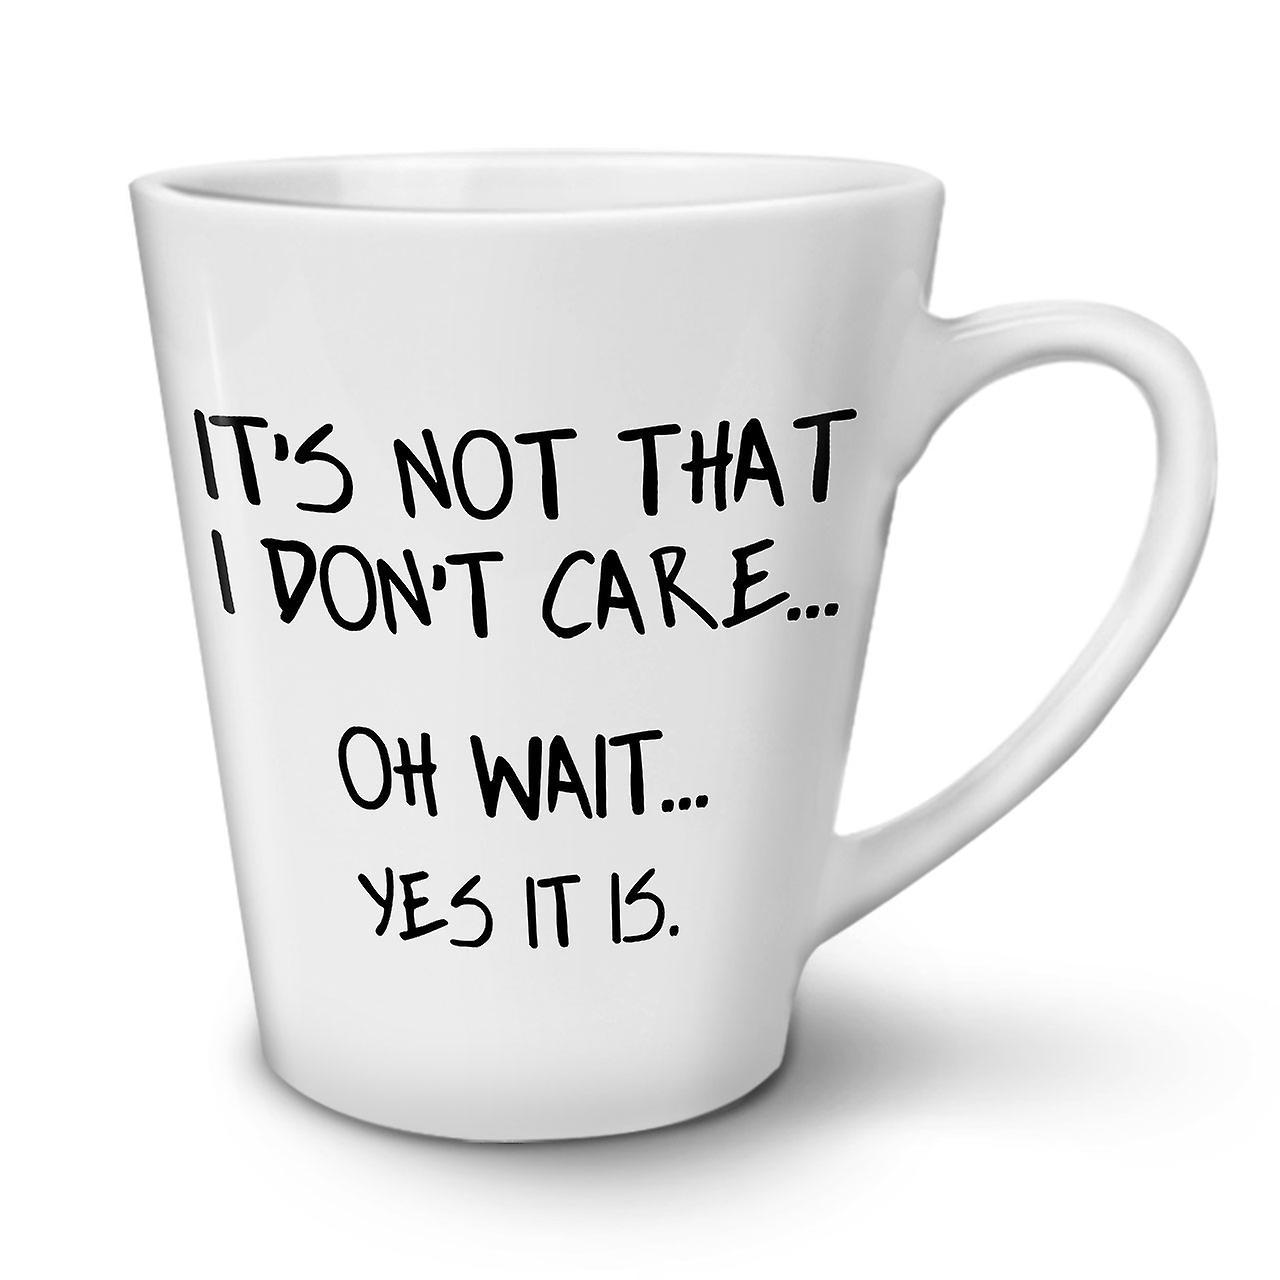 OzWellcoda Tasse En Café Blanche Céramique 12 Nouvelle N'aime Latte Pas Je b6ygf7Y